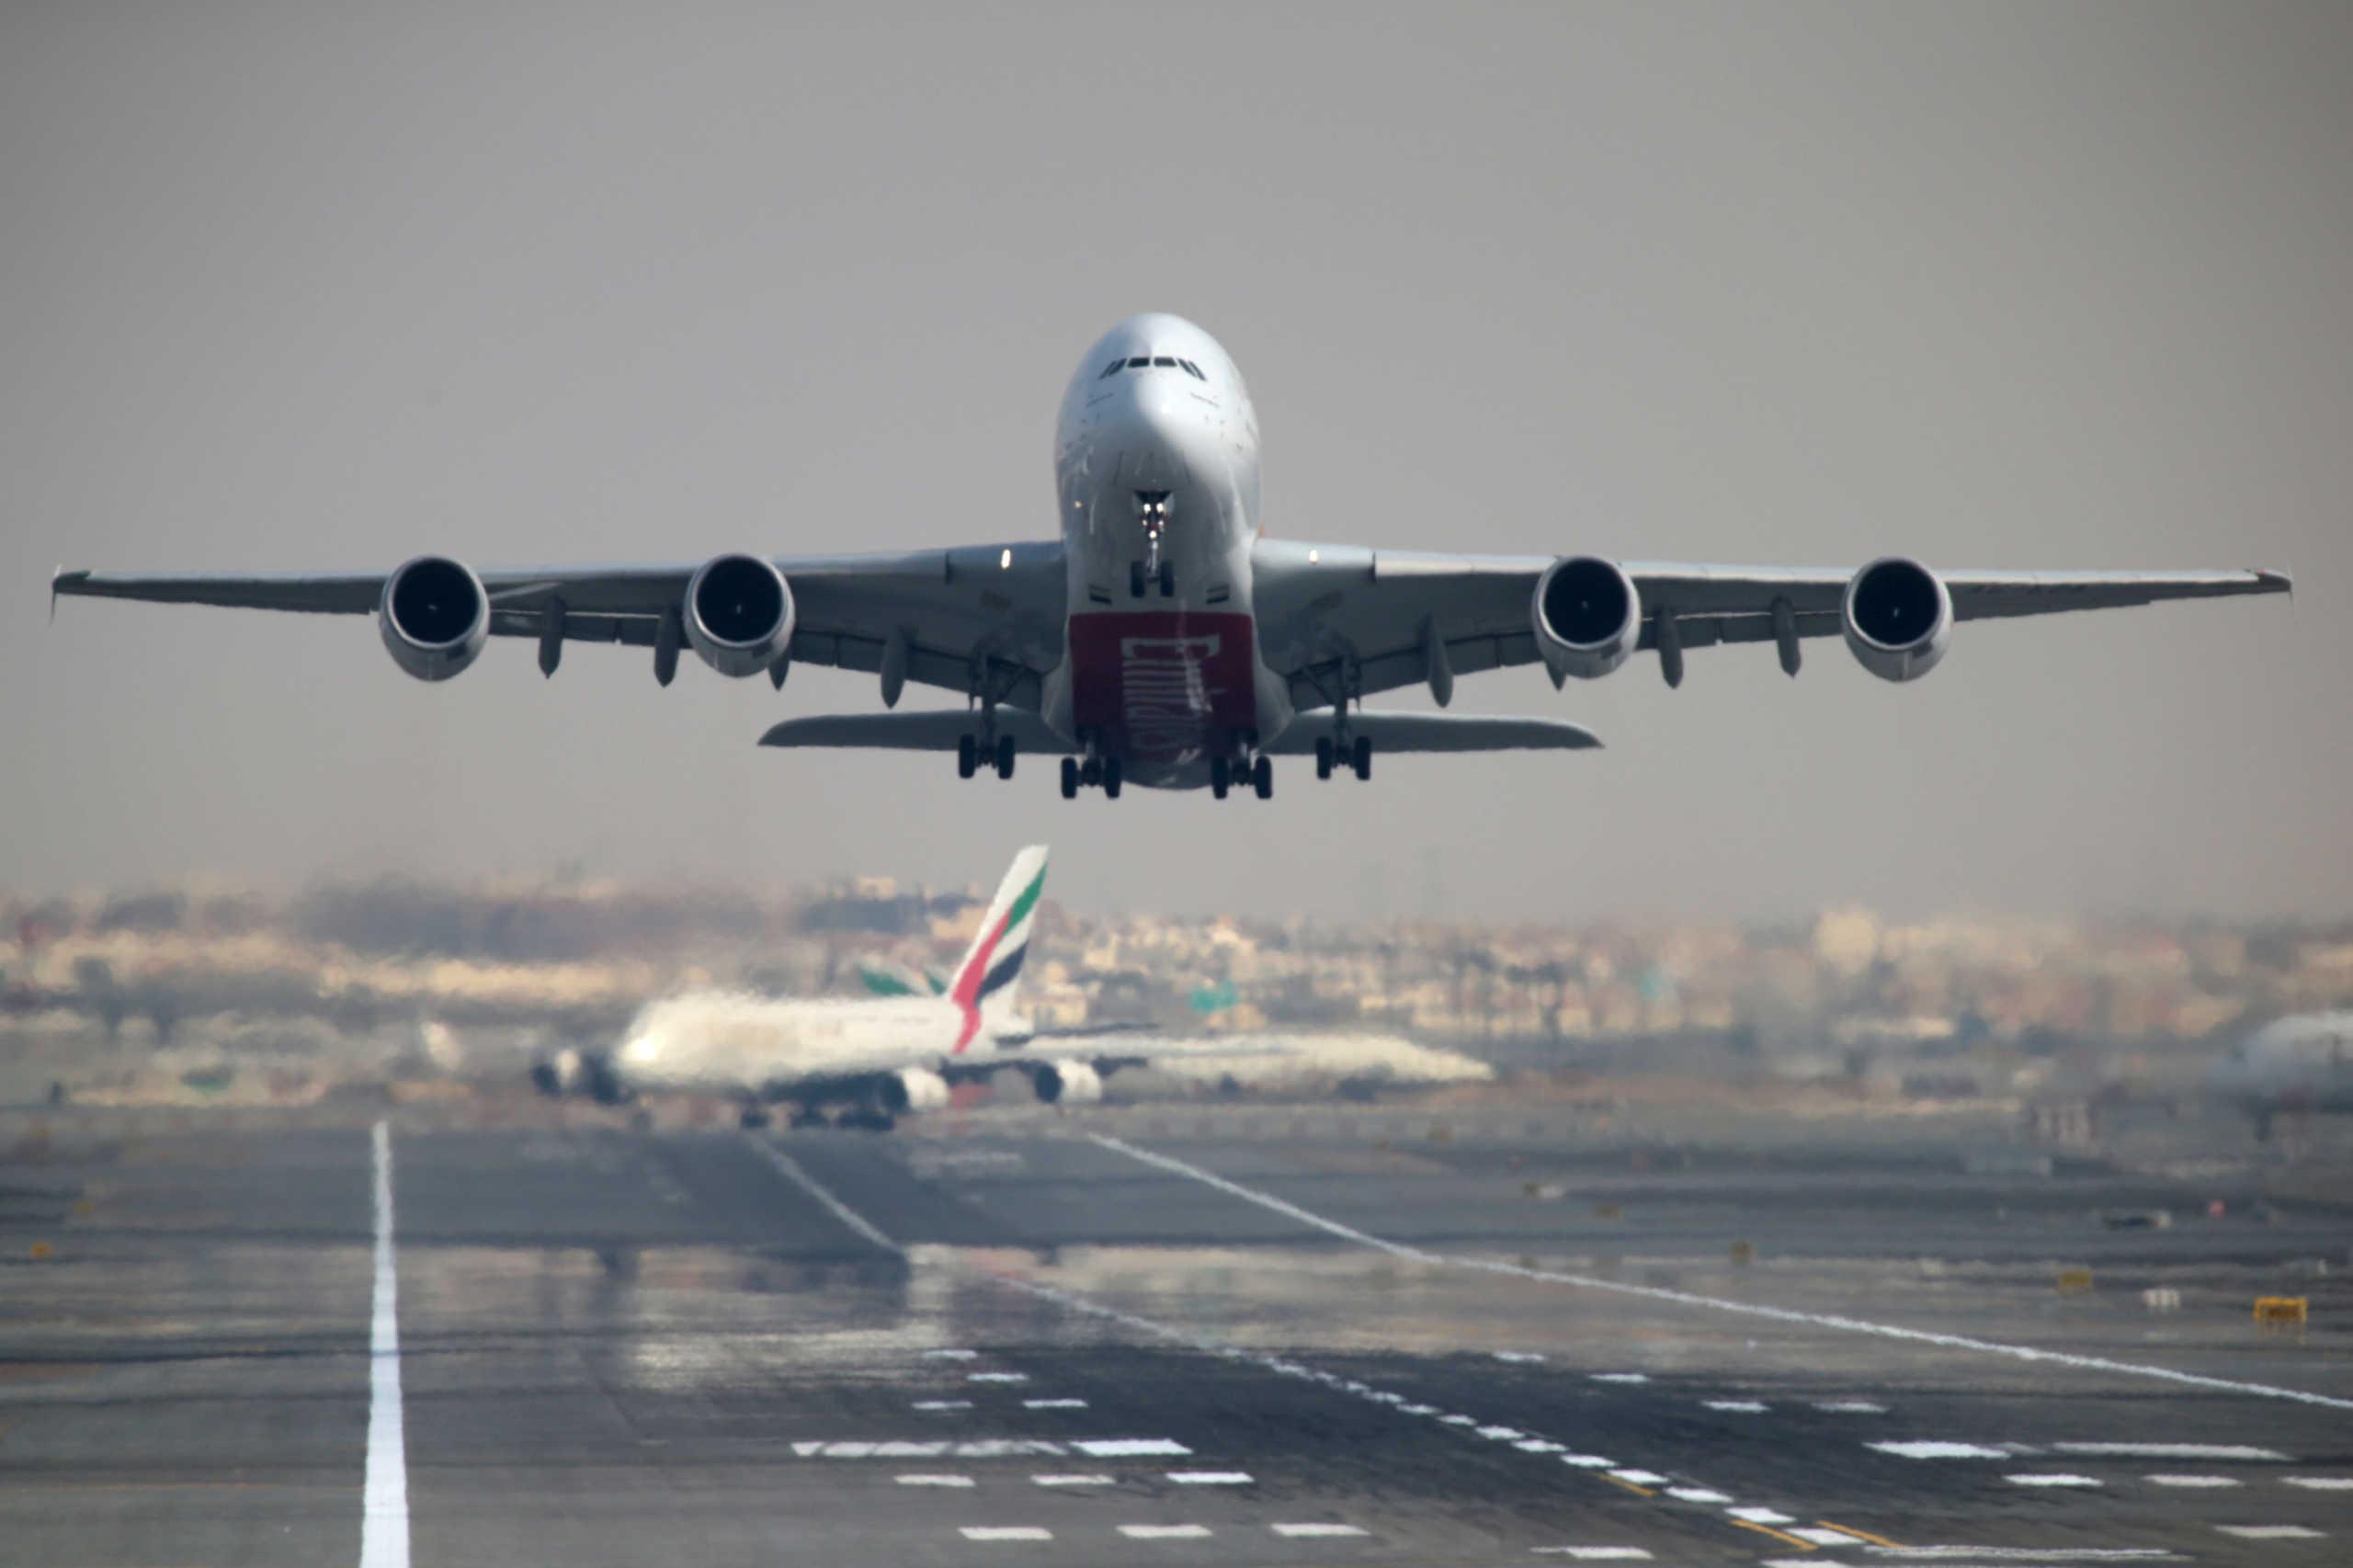 Κορονοϊός: Το Περού αναστέλλει όλες τις πτήσεις από την Ευρώπη